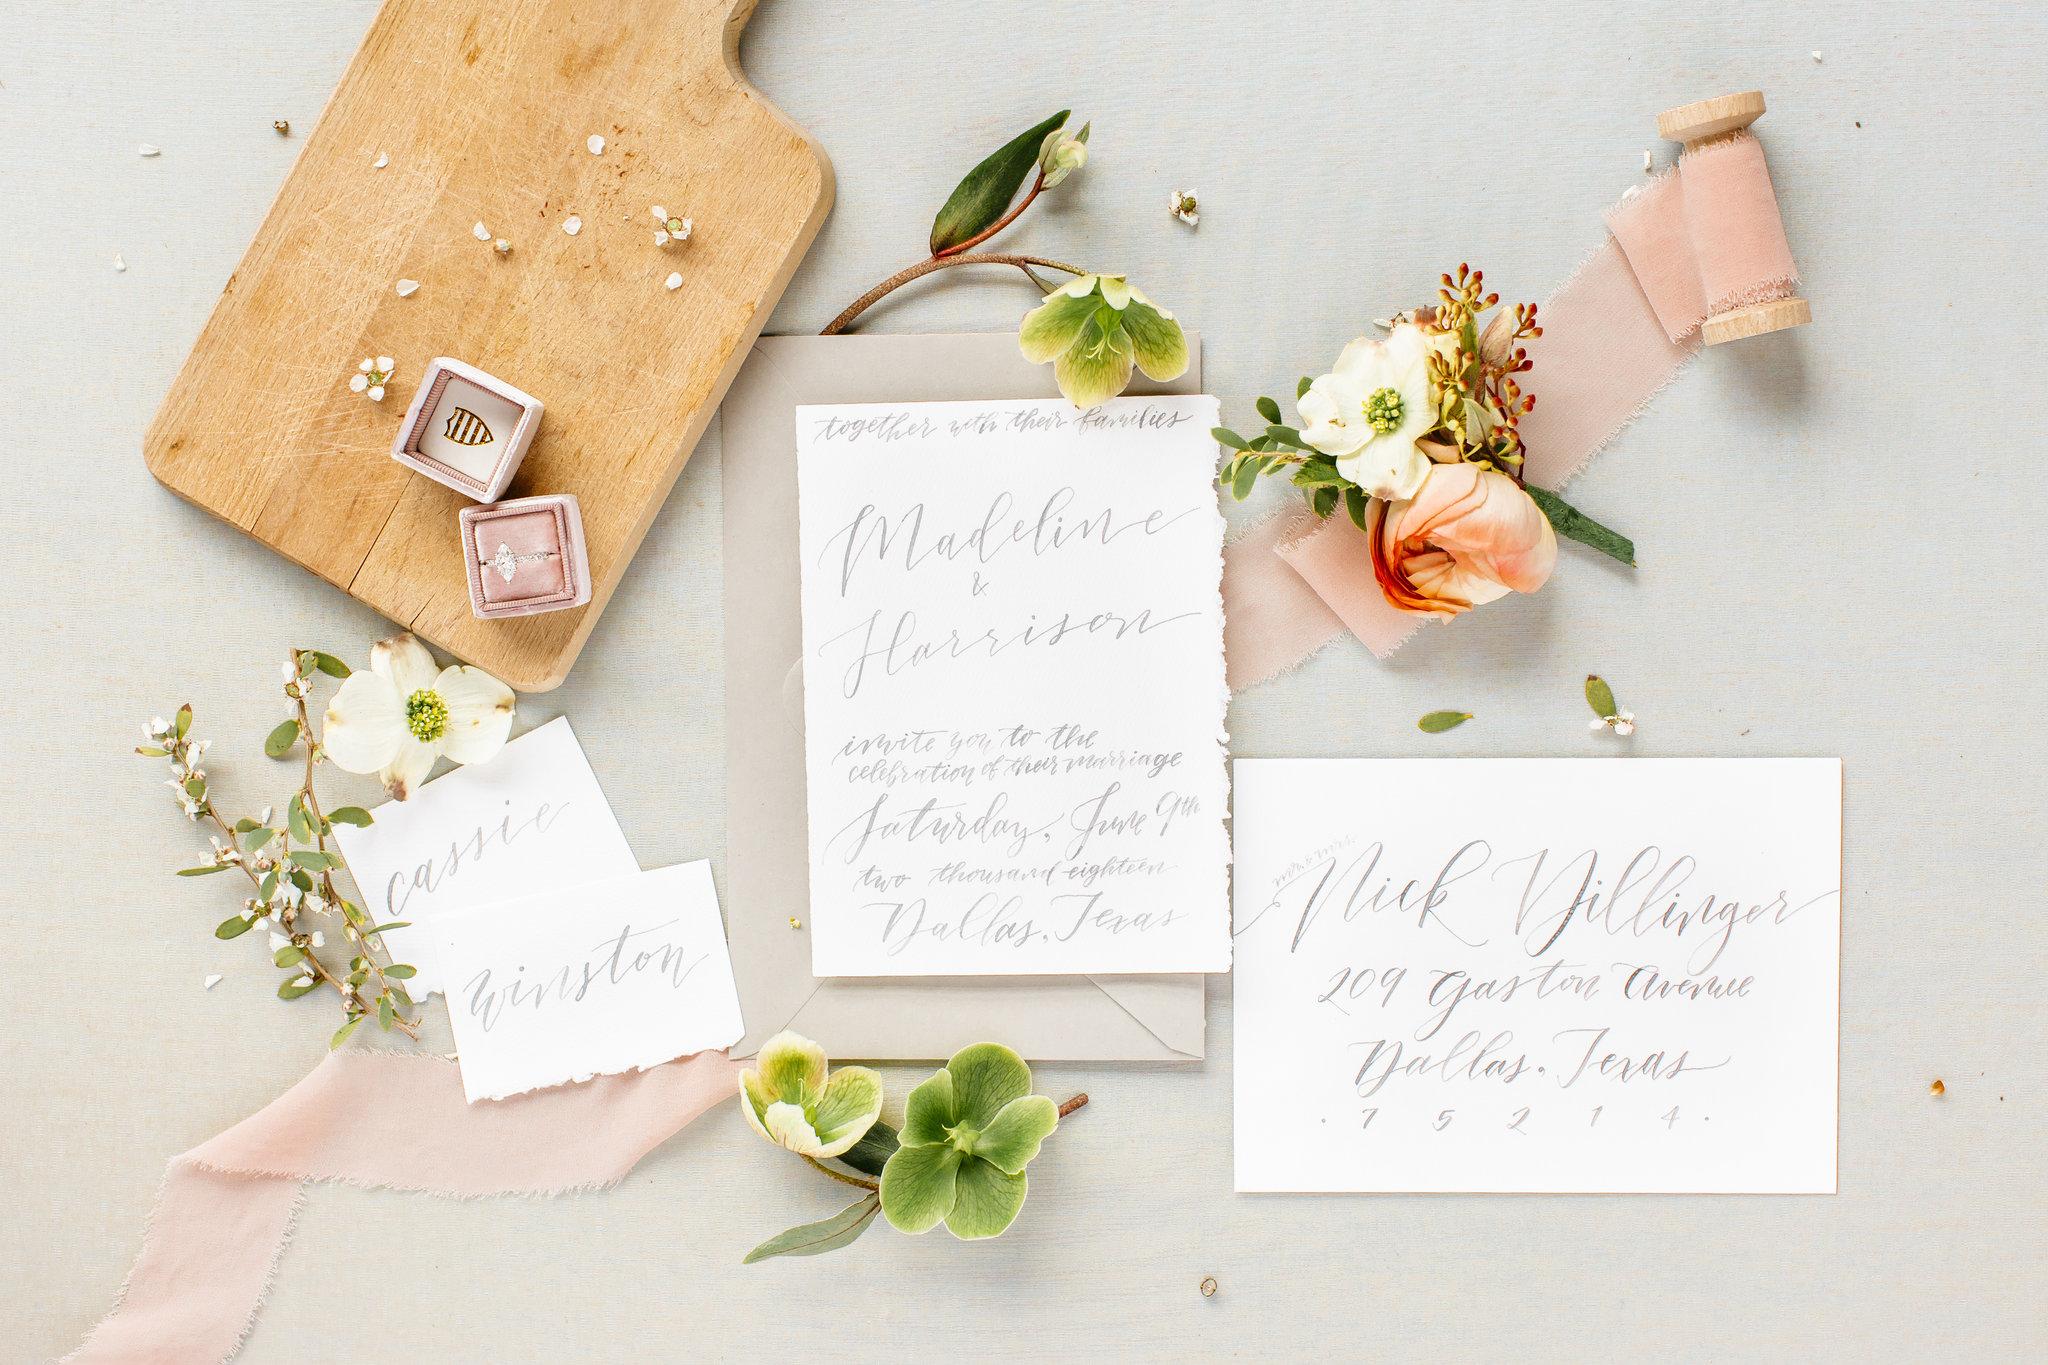 Alexa-Vossler-Photo_Dallas-Wedding-Photographer_Photoshoot-at-the-Station-McKinney_Empower-Event-14.jpg